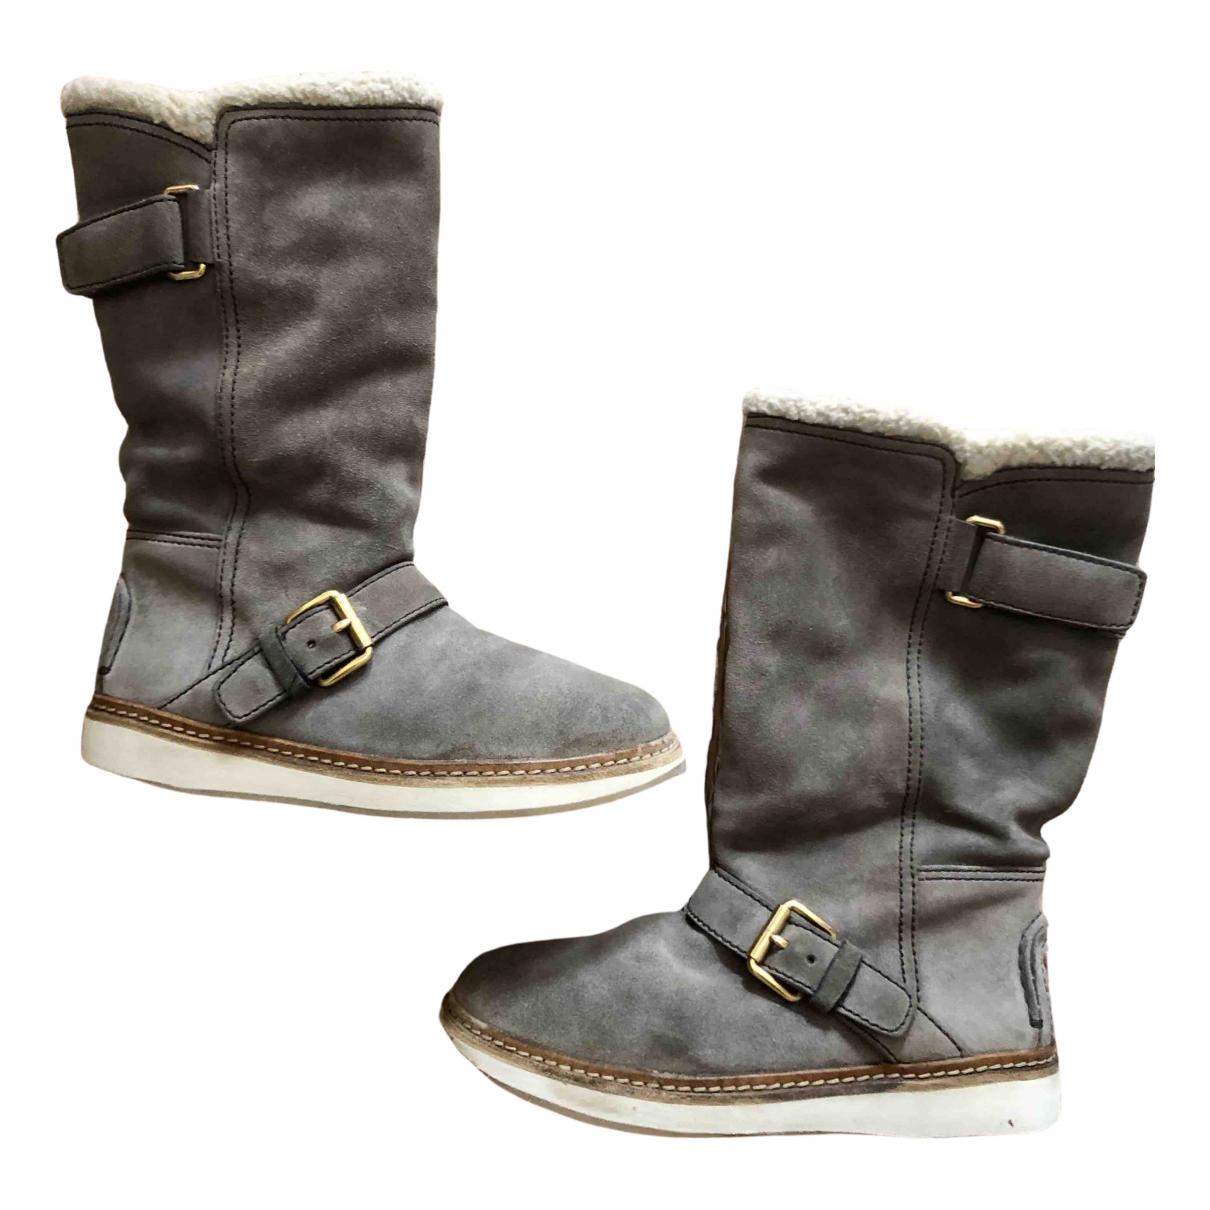 Carshoe \N Stiefel in  Beige Veloursleder